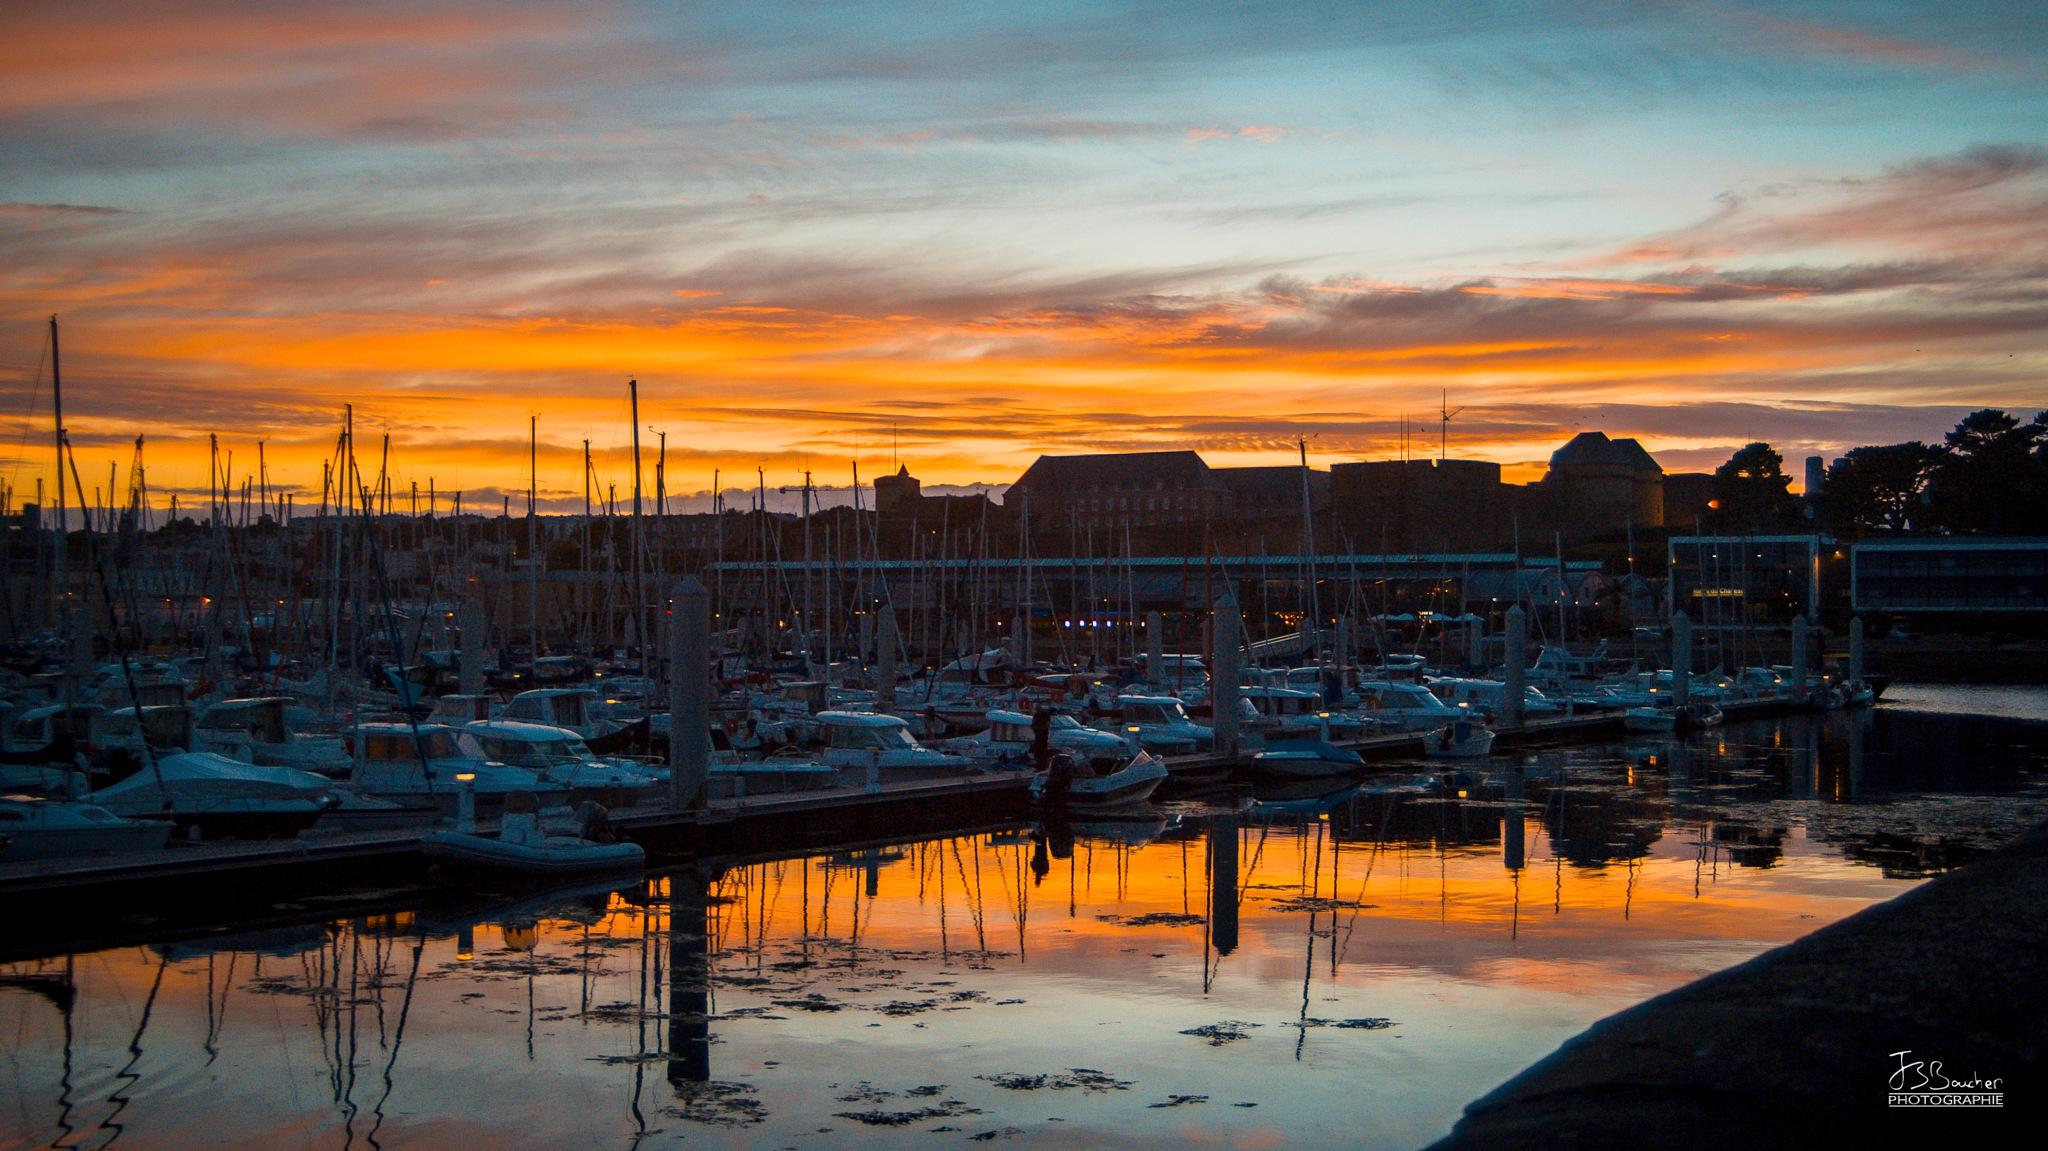 Sunset by JB Boucher